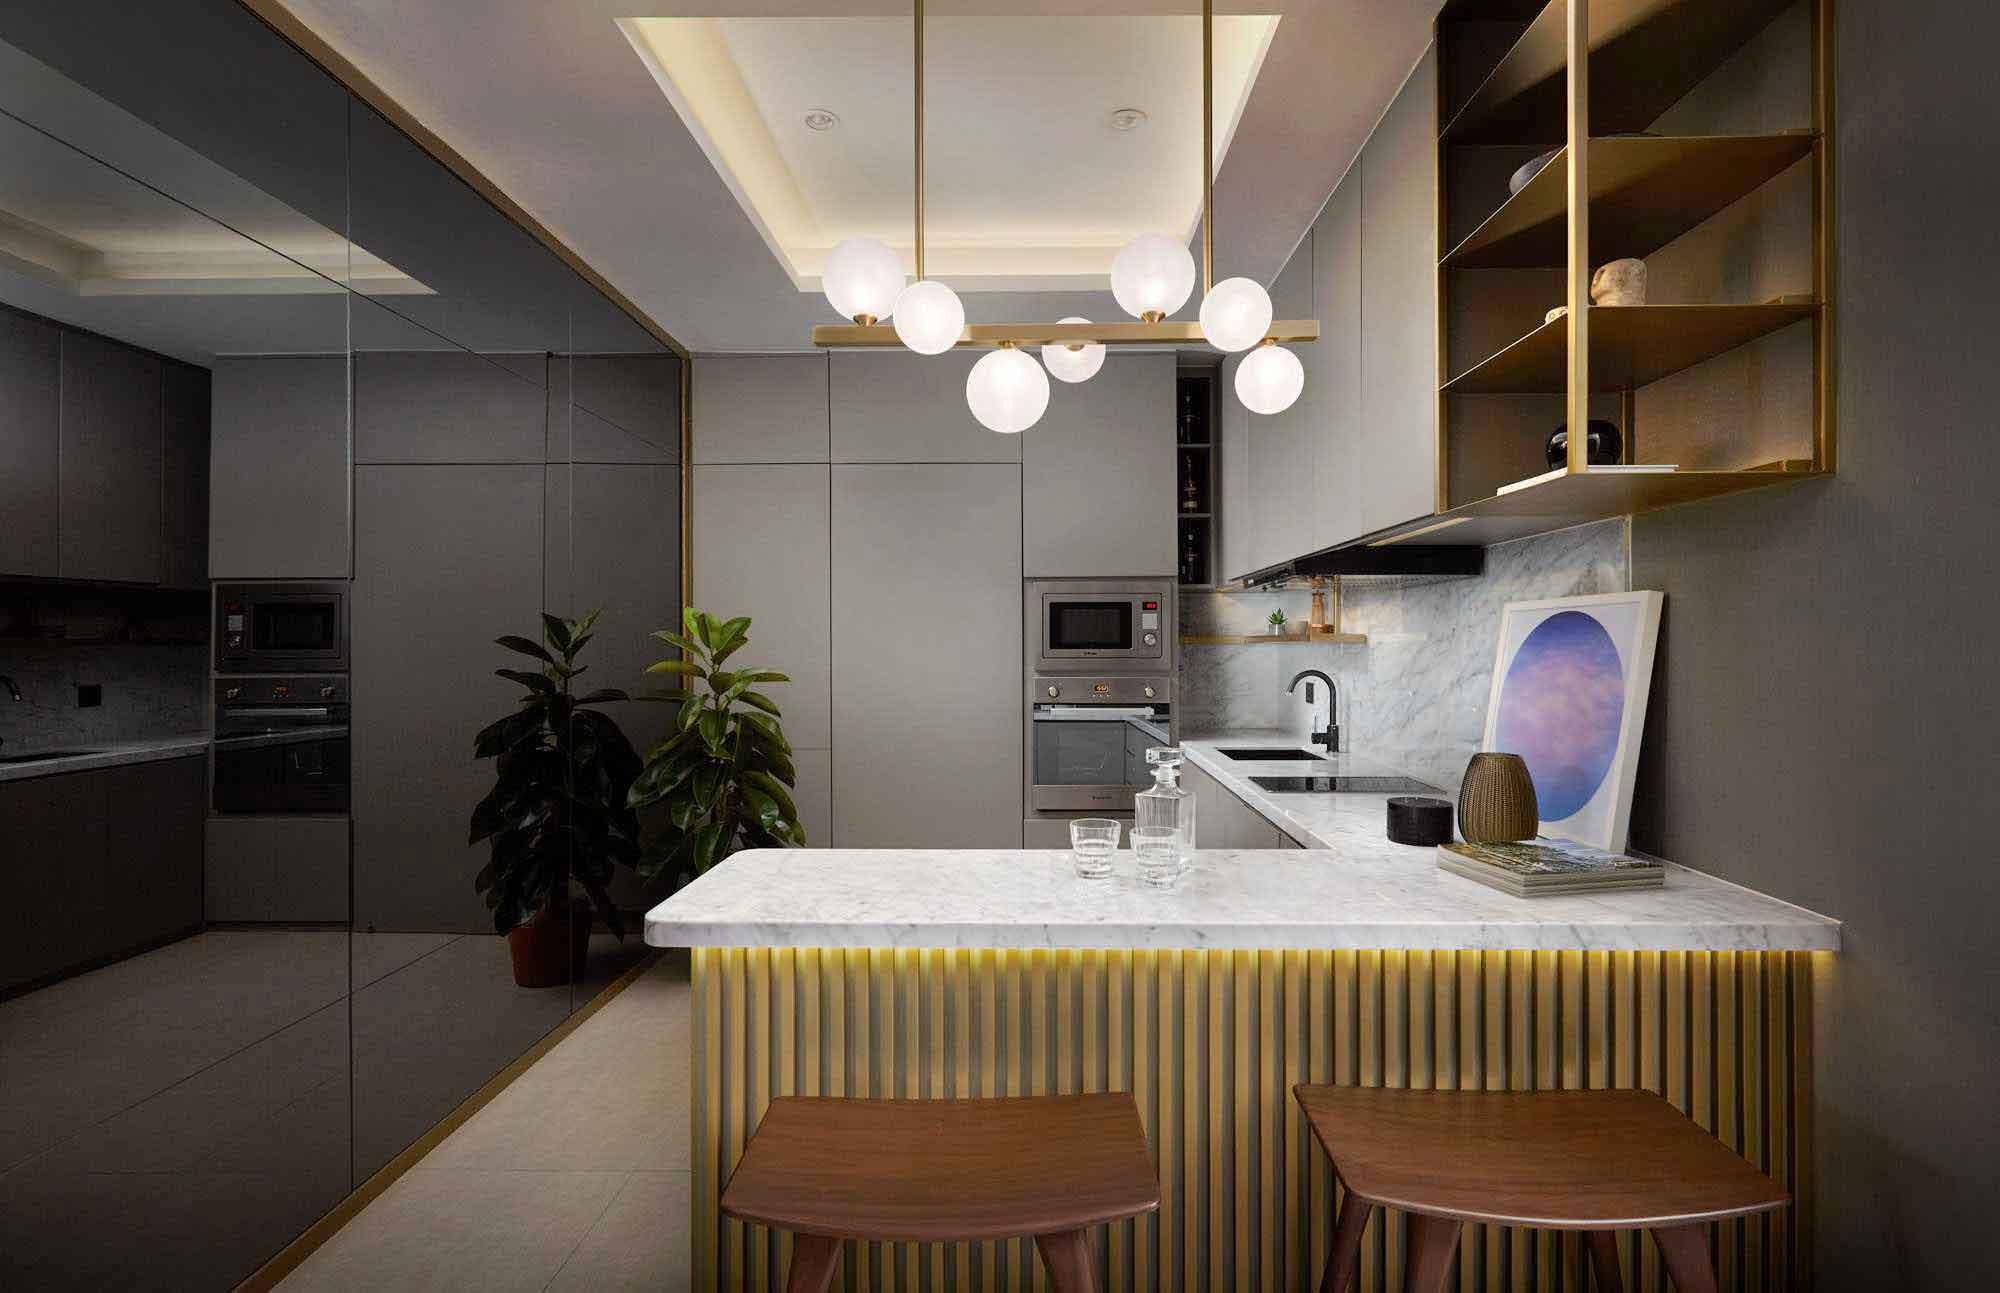 Dinding kaca gelap yang memantulkan seluruh area dapur untuk kesan luas dan lapang, dapur karya Hello Embryo, via arsitag.com